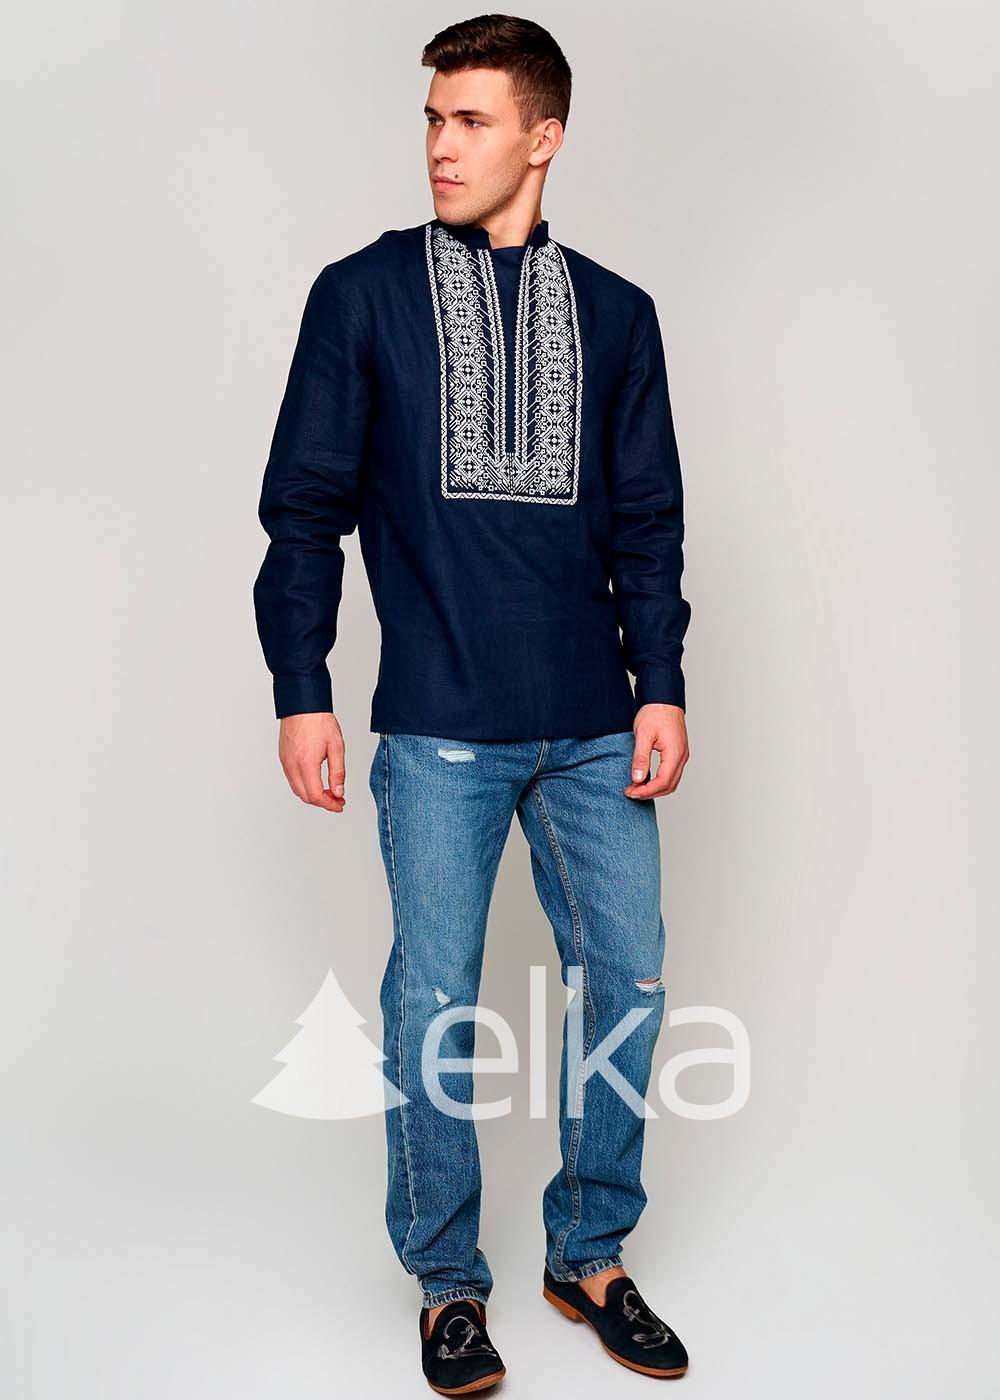 Мужская вышиванка Оберег синяя